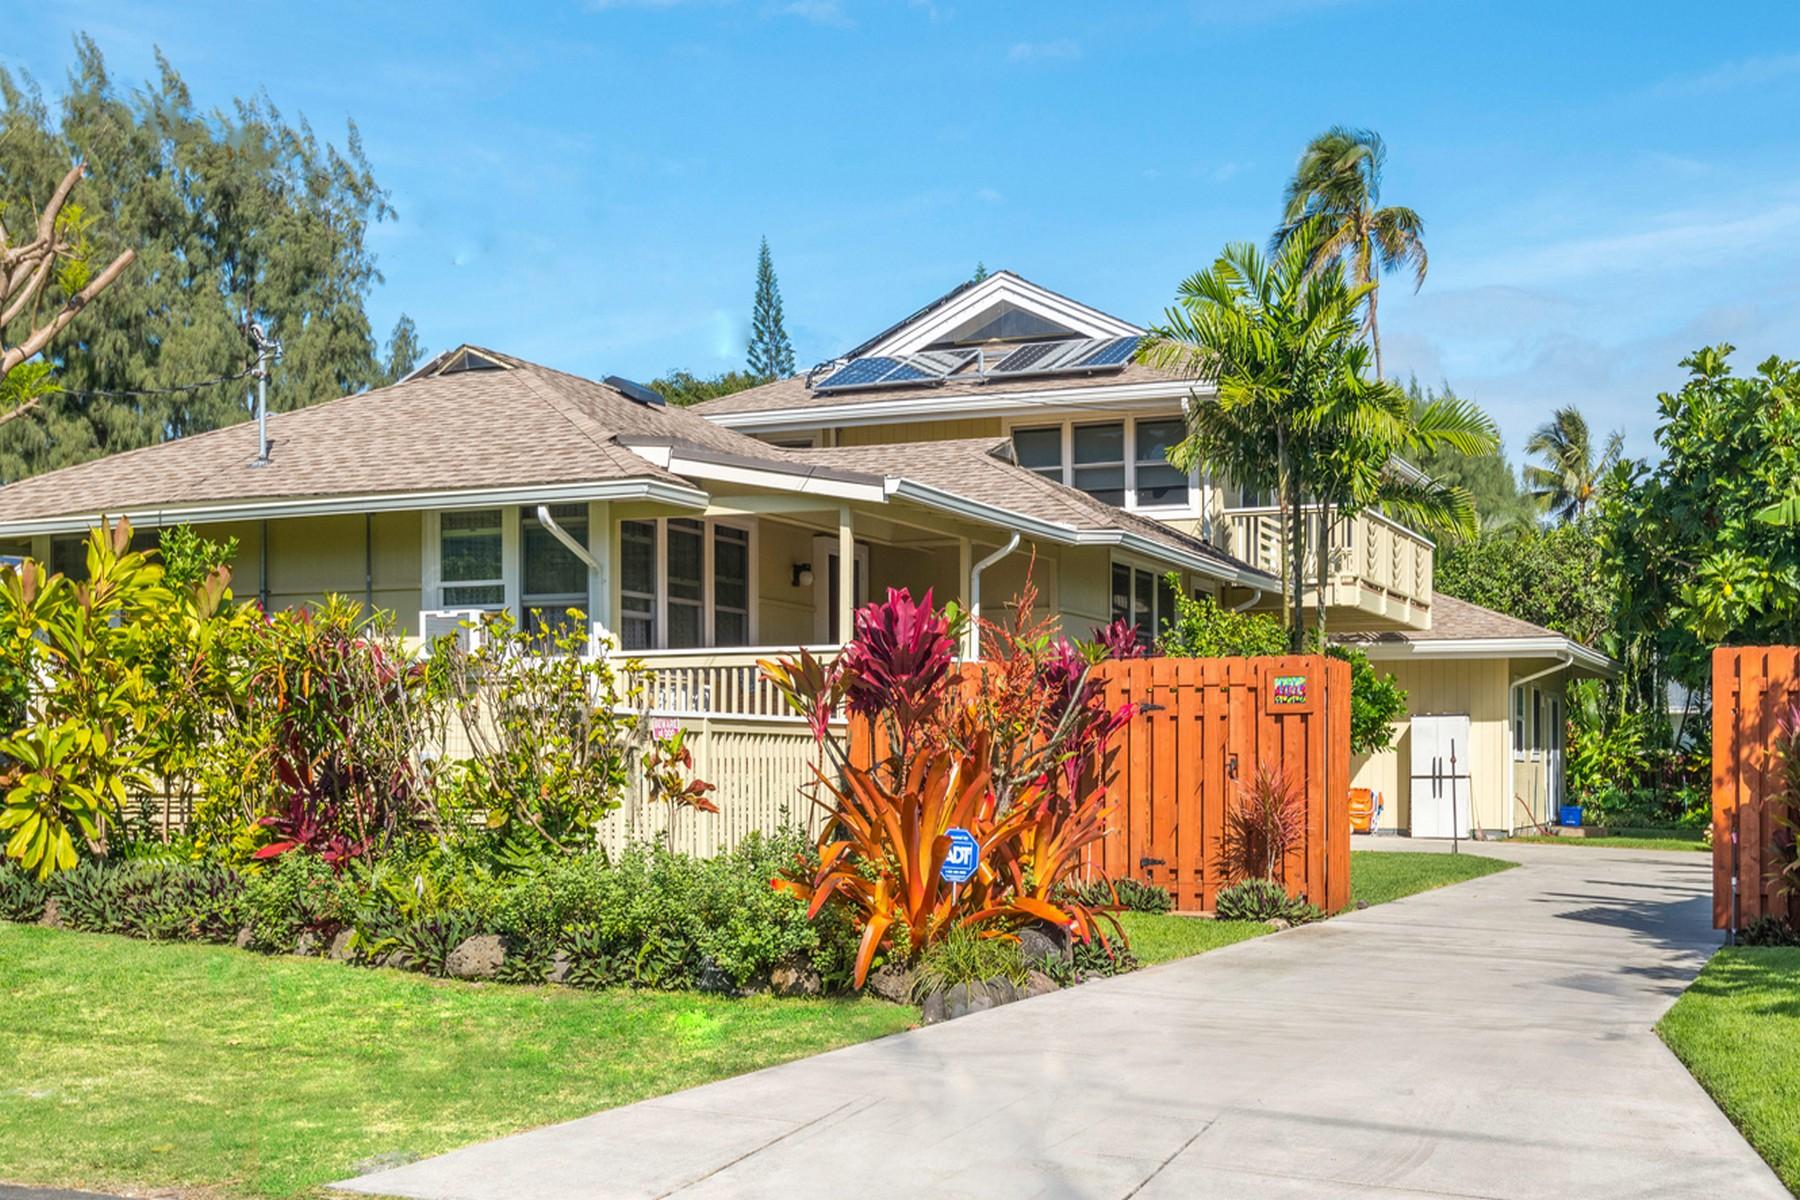 独户住宅 为 销售 在 Waimanalo Beach House 41-019 Kaulu St 坏马纳洛, 夏威夷 96795 美国